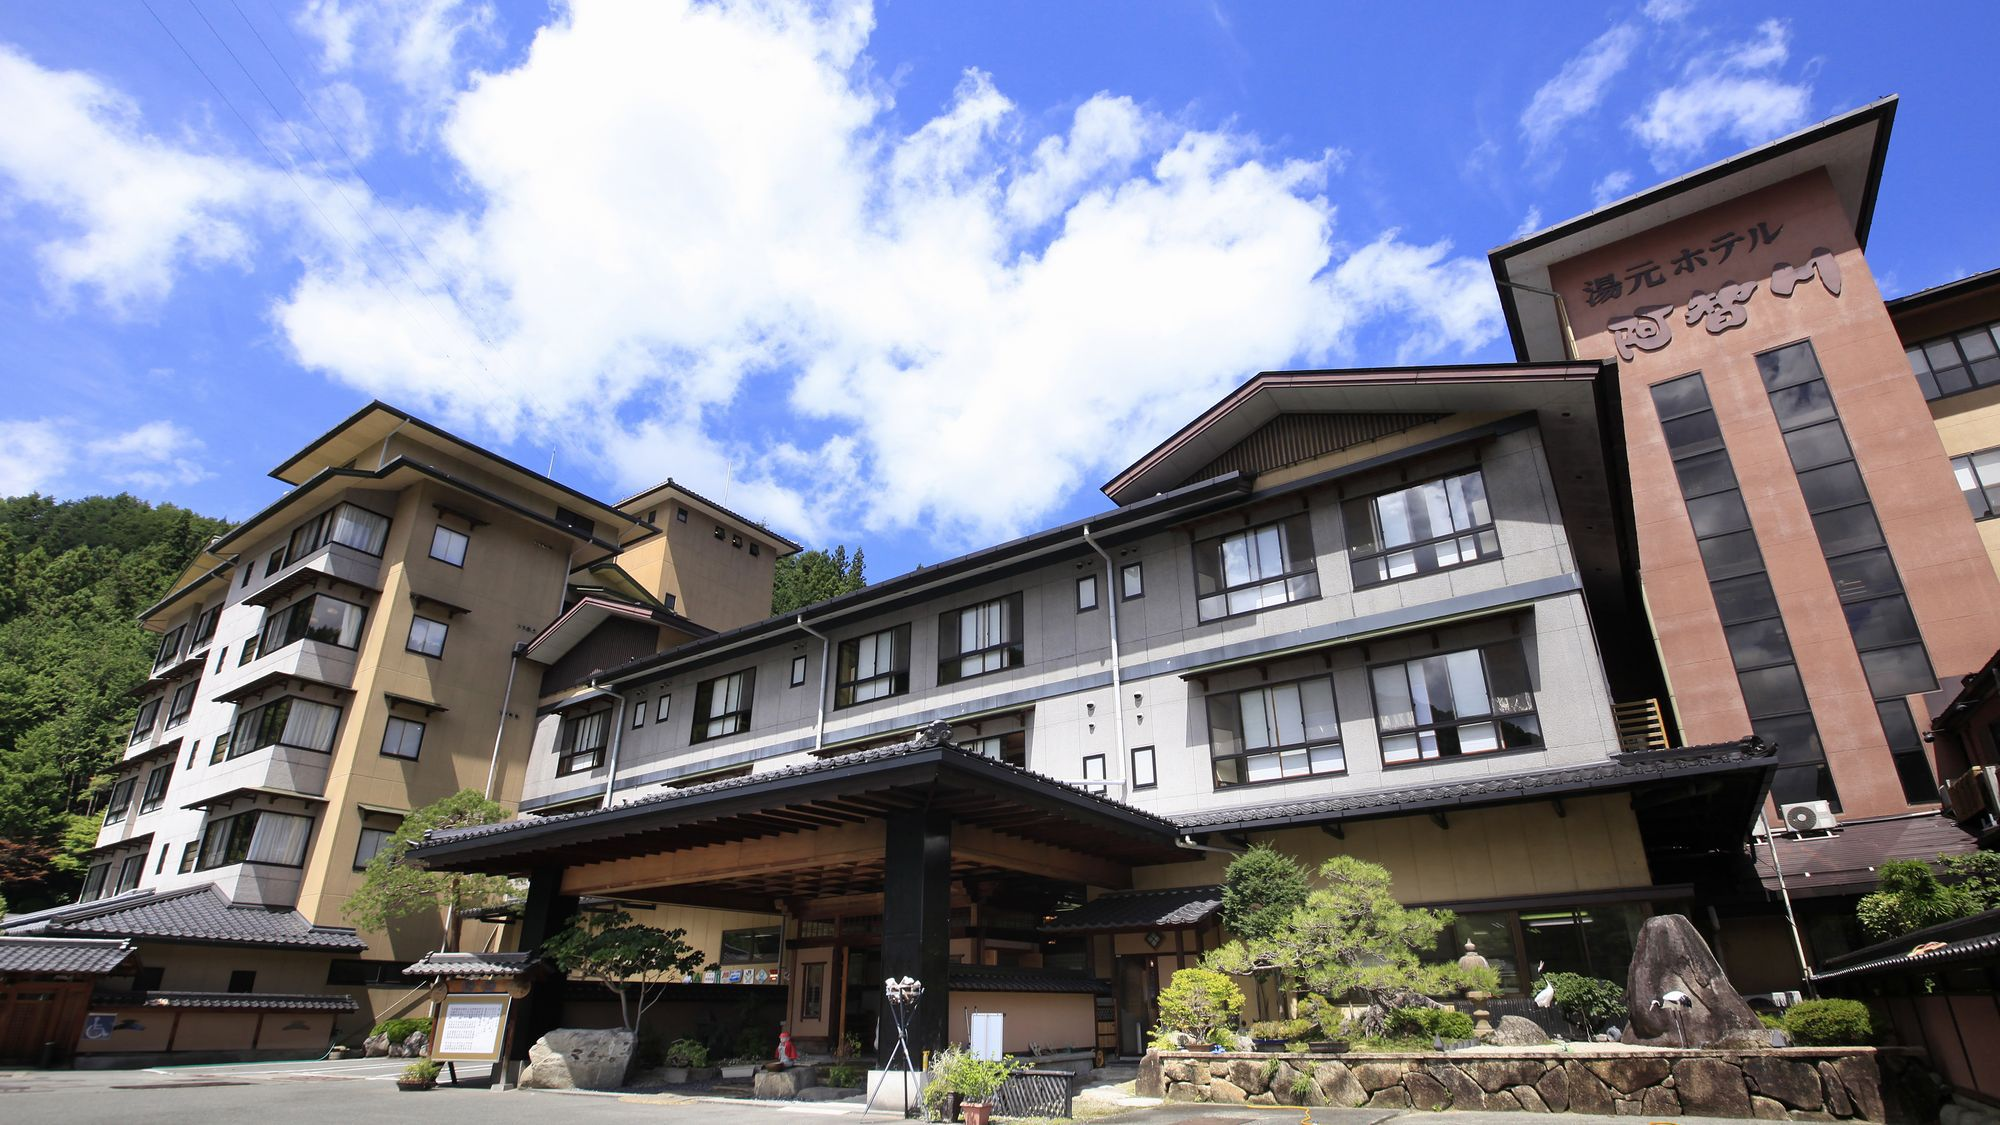 昼神温泉に夫婦で旅行に行きます。一人2万円以内で泊まれる宿を教えてください。